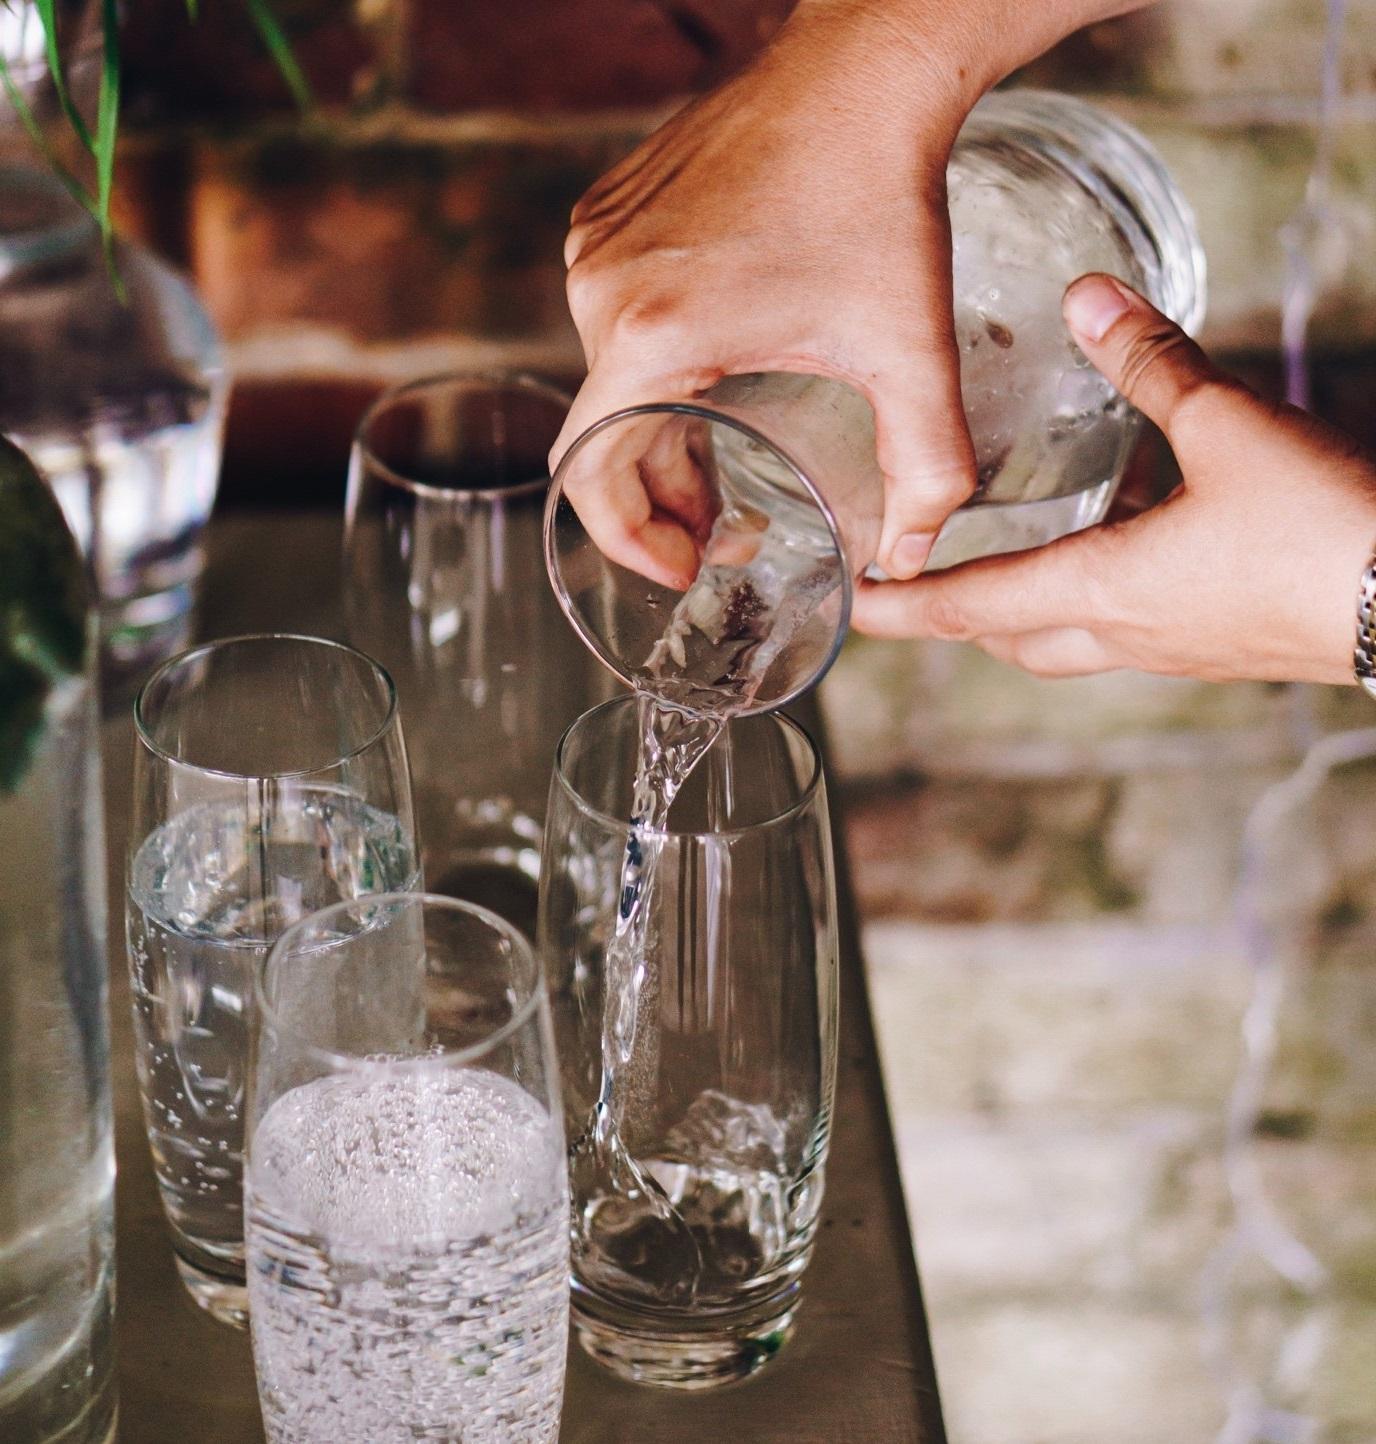 Hogyan előzhetjük meg a betegségek több mint 50%-át? Öntsünk tiszta vizet a pohárba!